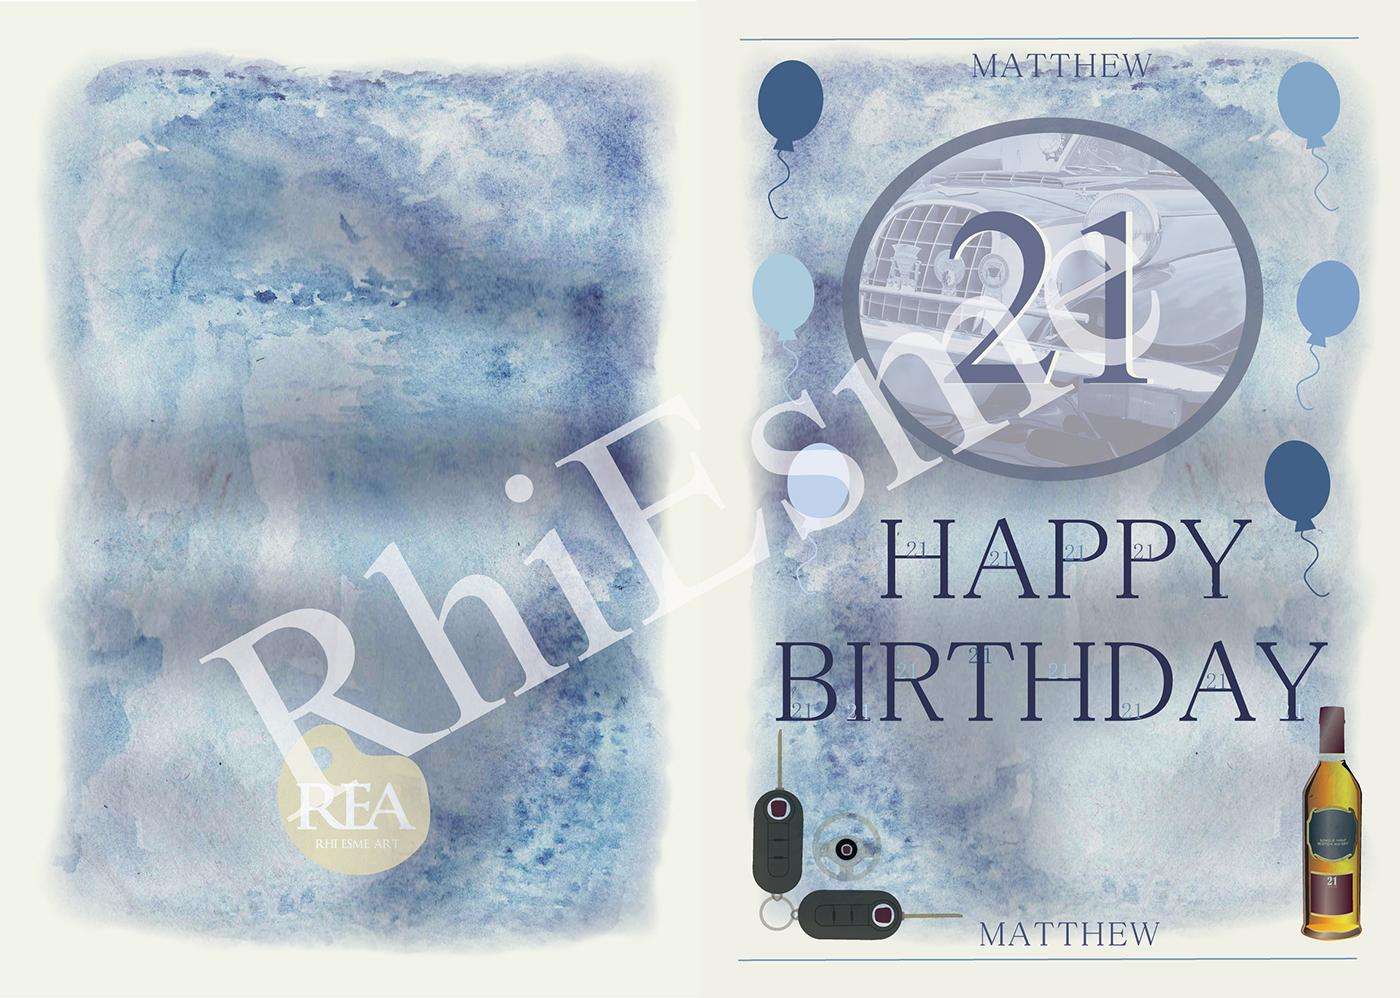 完美的24個生日卡片設計欣賞